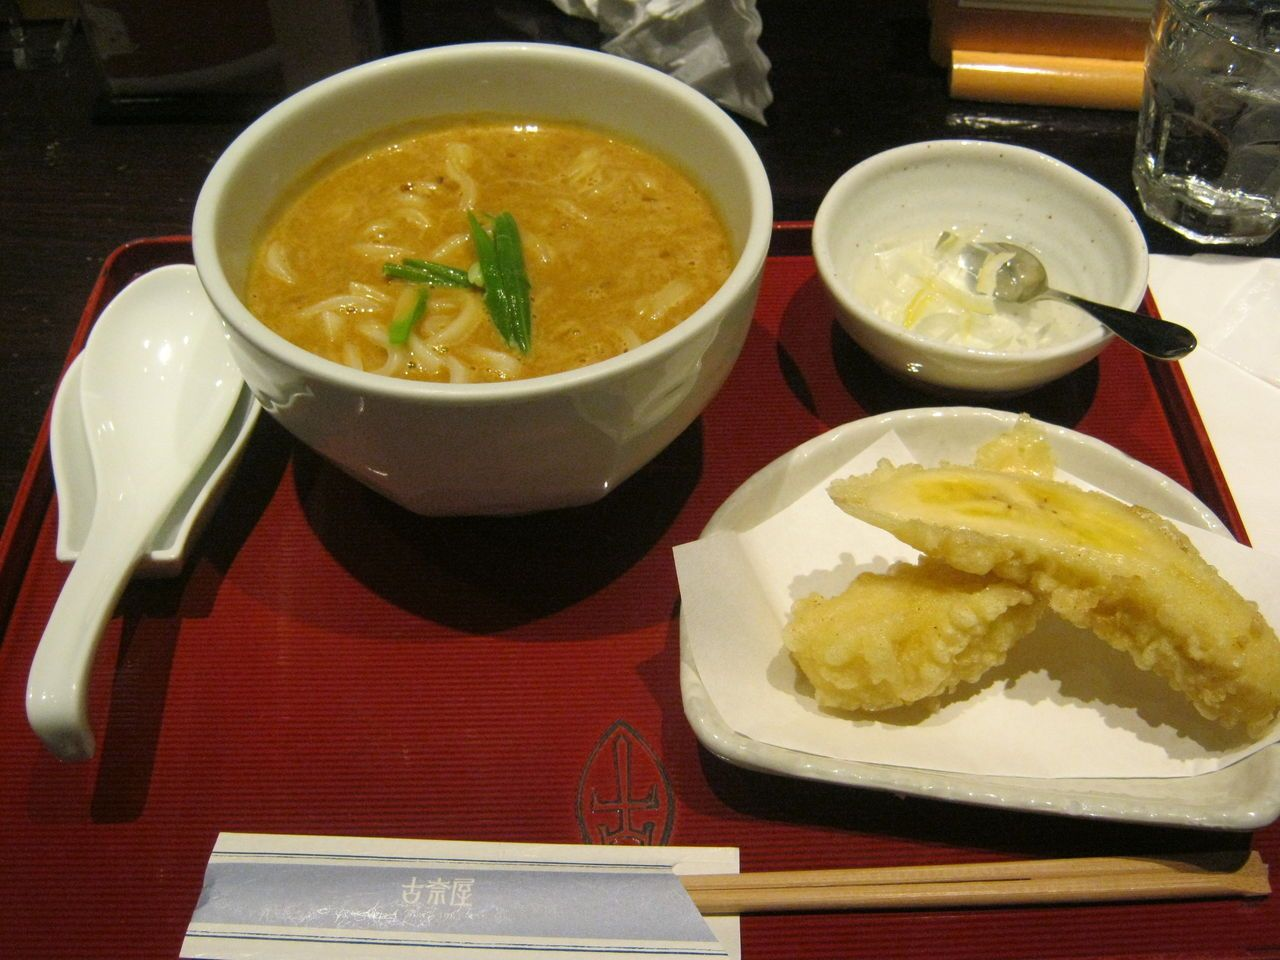 バナナの天ぷらでカレーうどんを食べる「古奈屋」